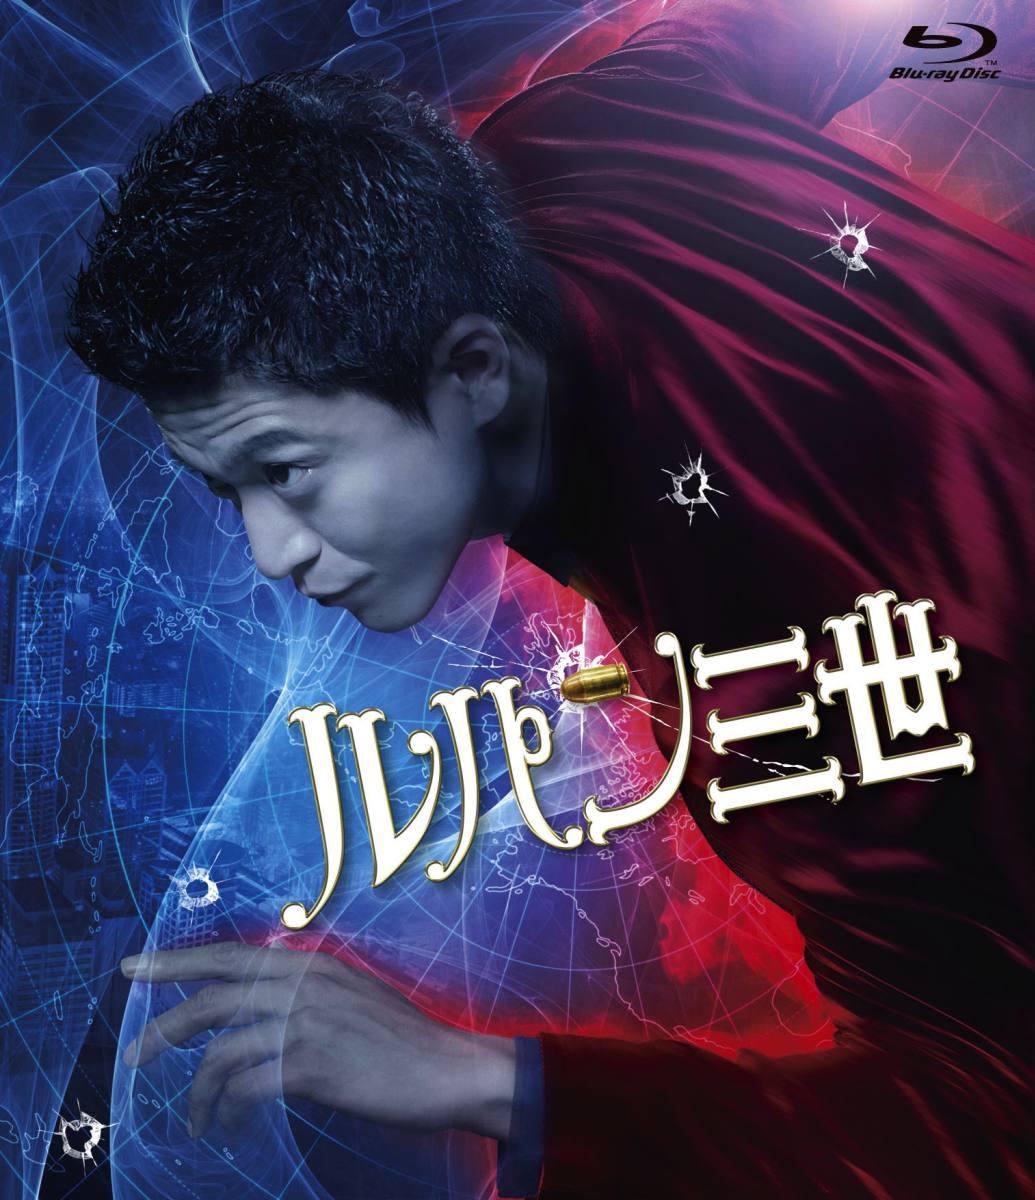 ルパン三世 スタンダード・エディション【Blu-ray】 [ 小栗旬 ]